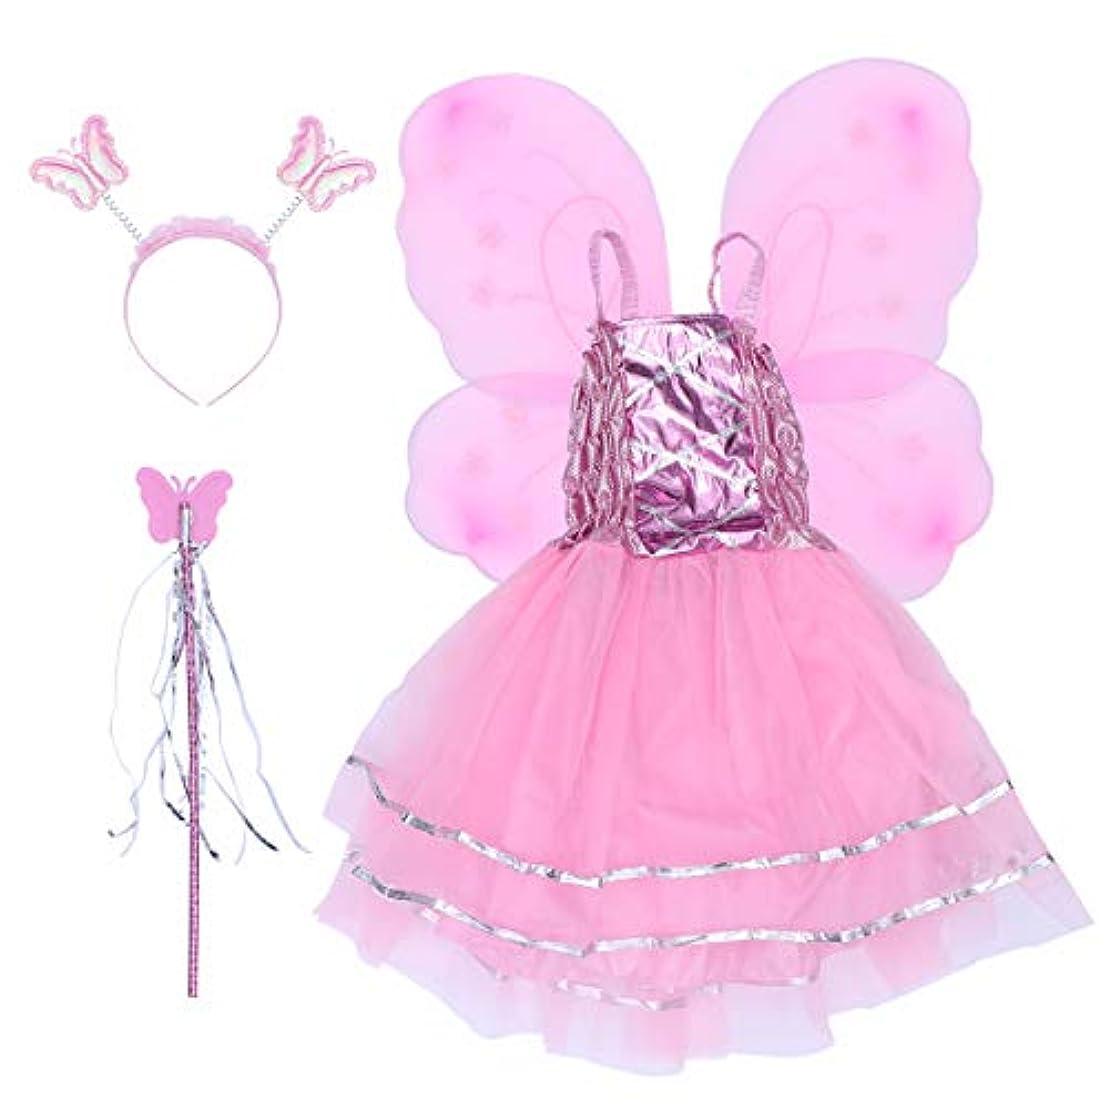 吹雪洪水マネージャーBESTOYARD 4本の女の子バタフライプリンセス妖精のコスチュームセットバタフライウィング、ワンド、ヘッドバンドとツツードレス(ピンク)